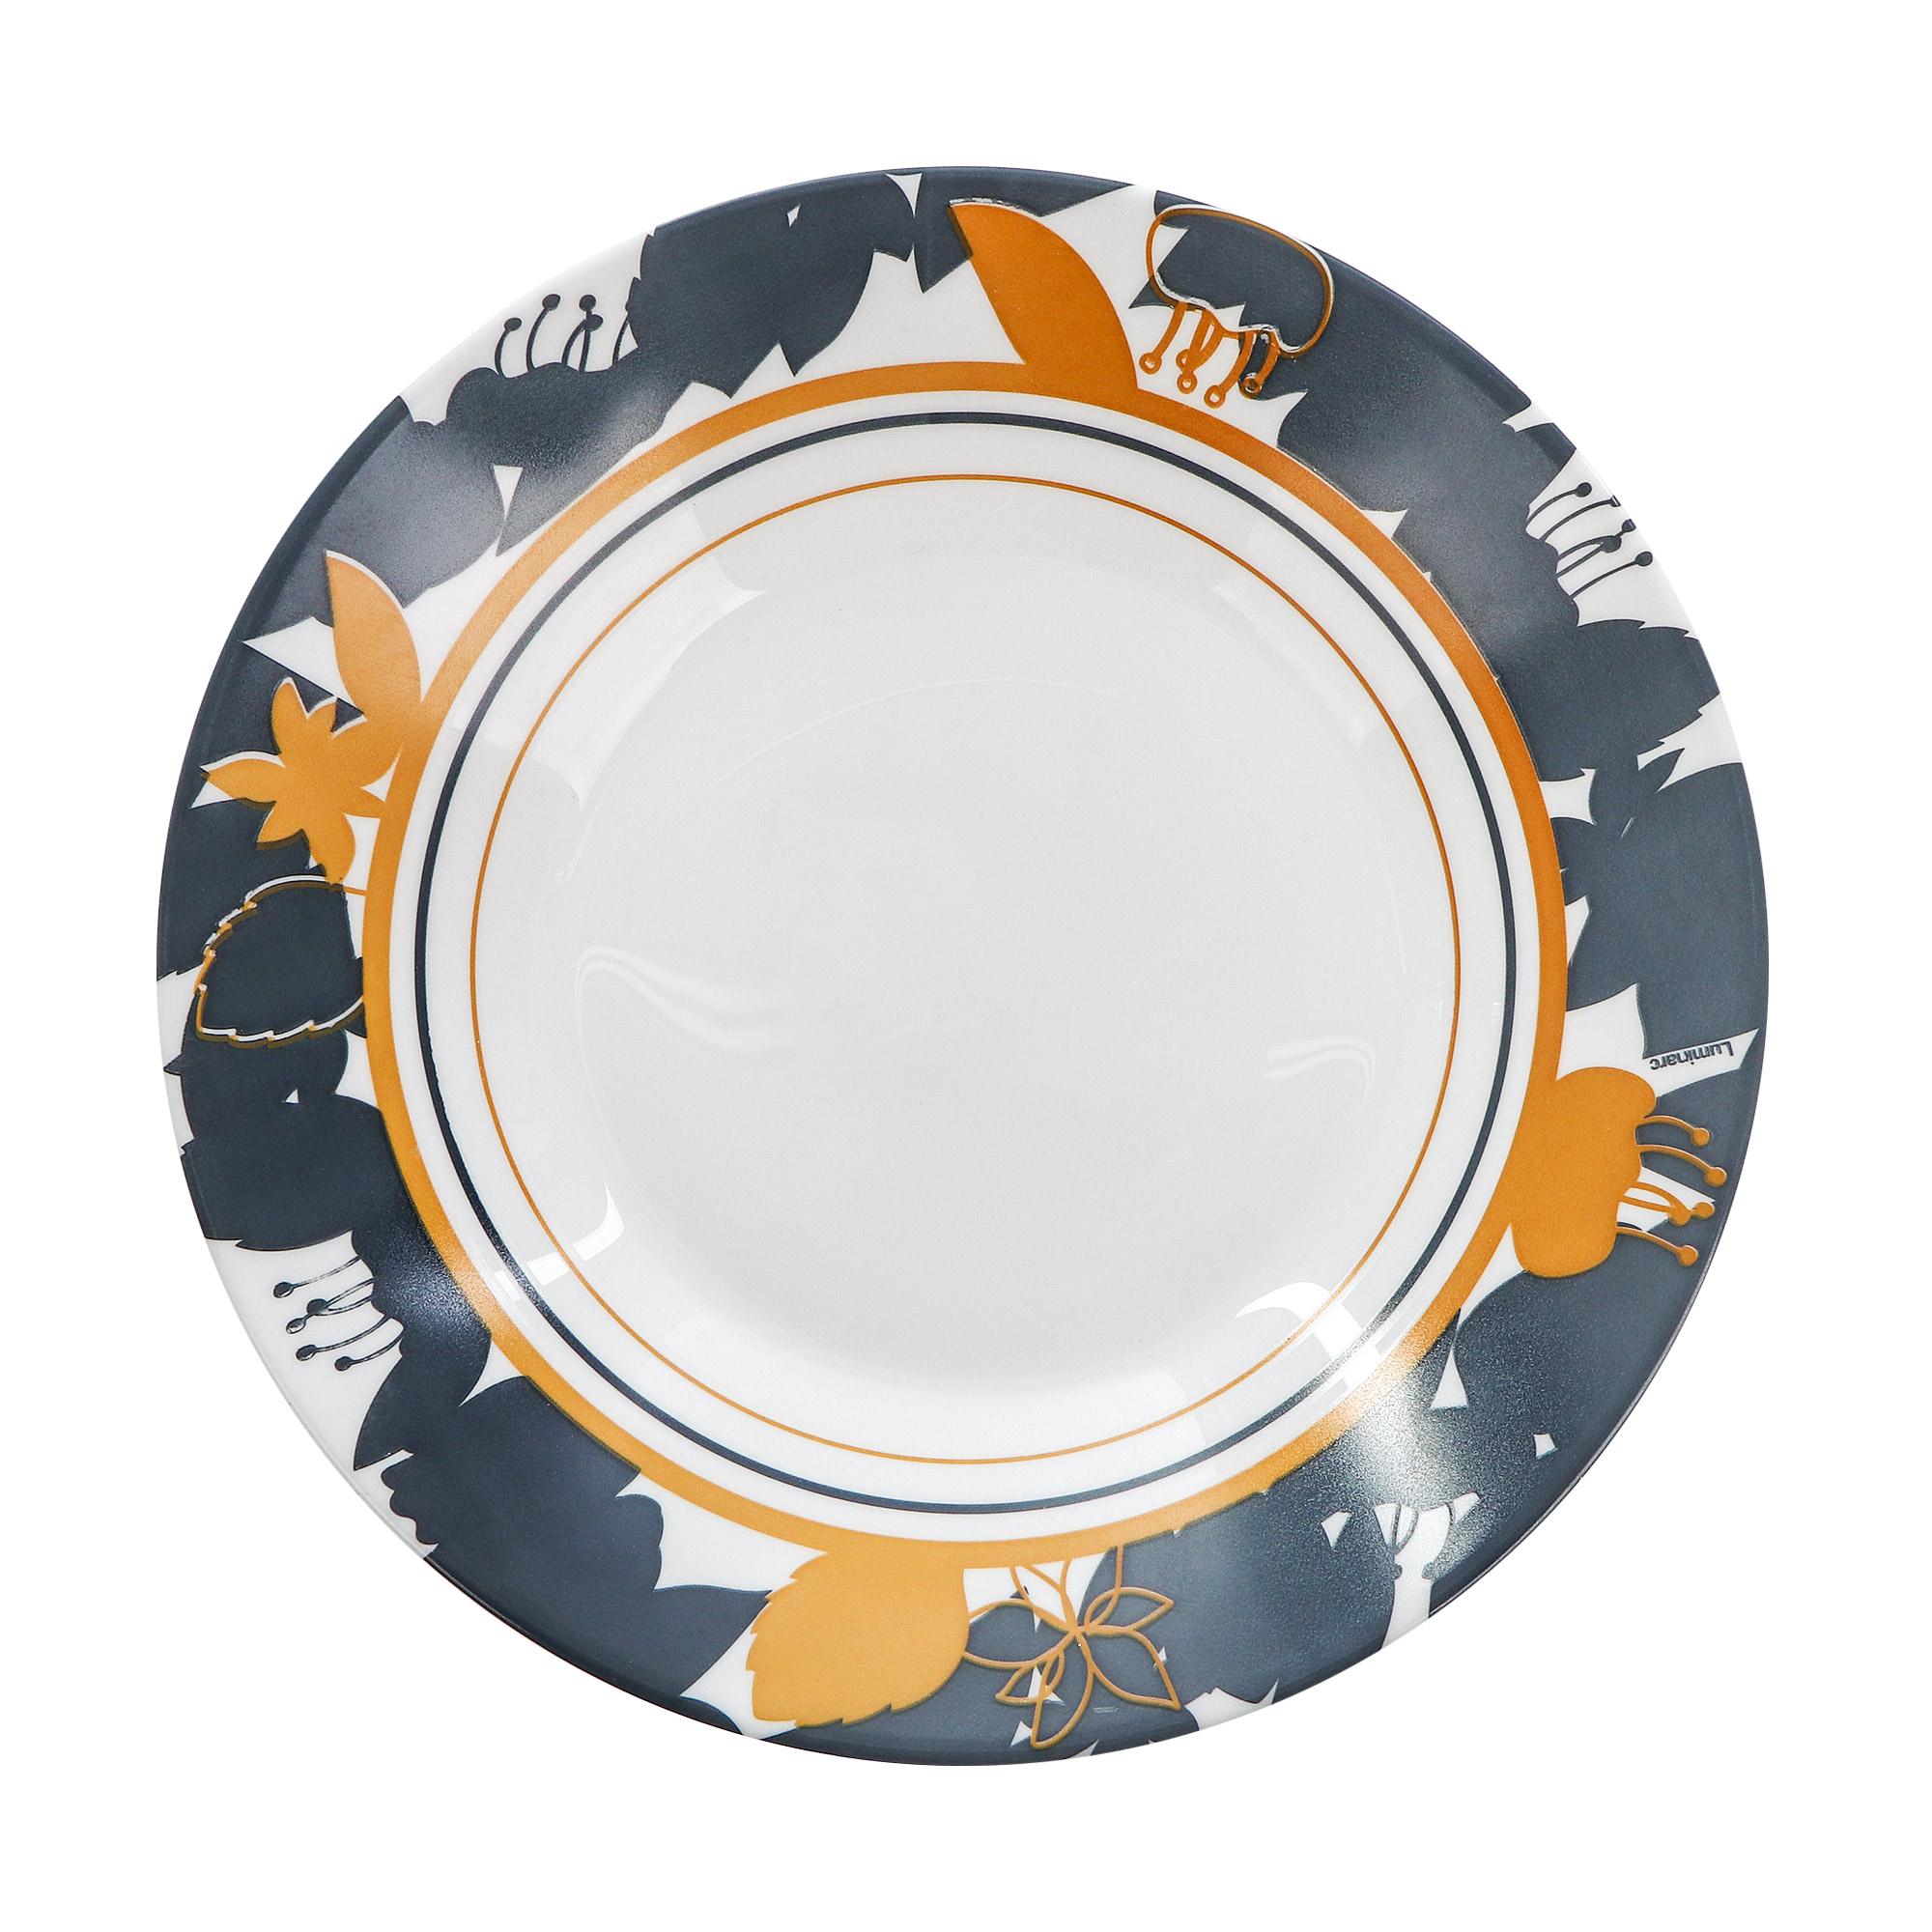 Тарелка суповая Luminarc Orme 23 см тарелка суповая luminarc amely 22 см